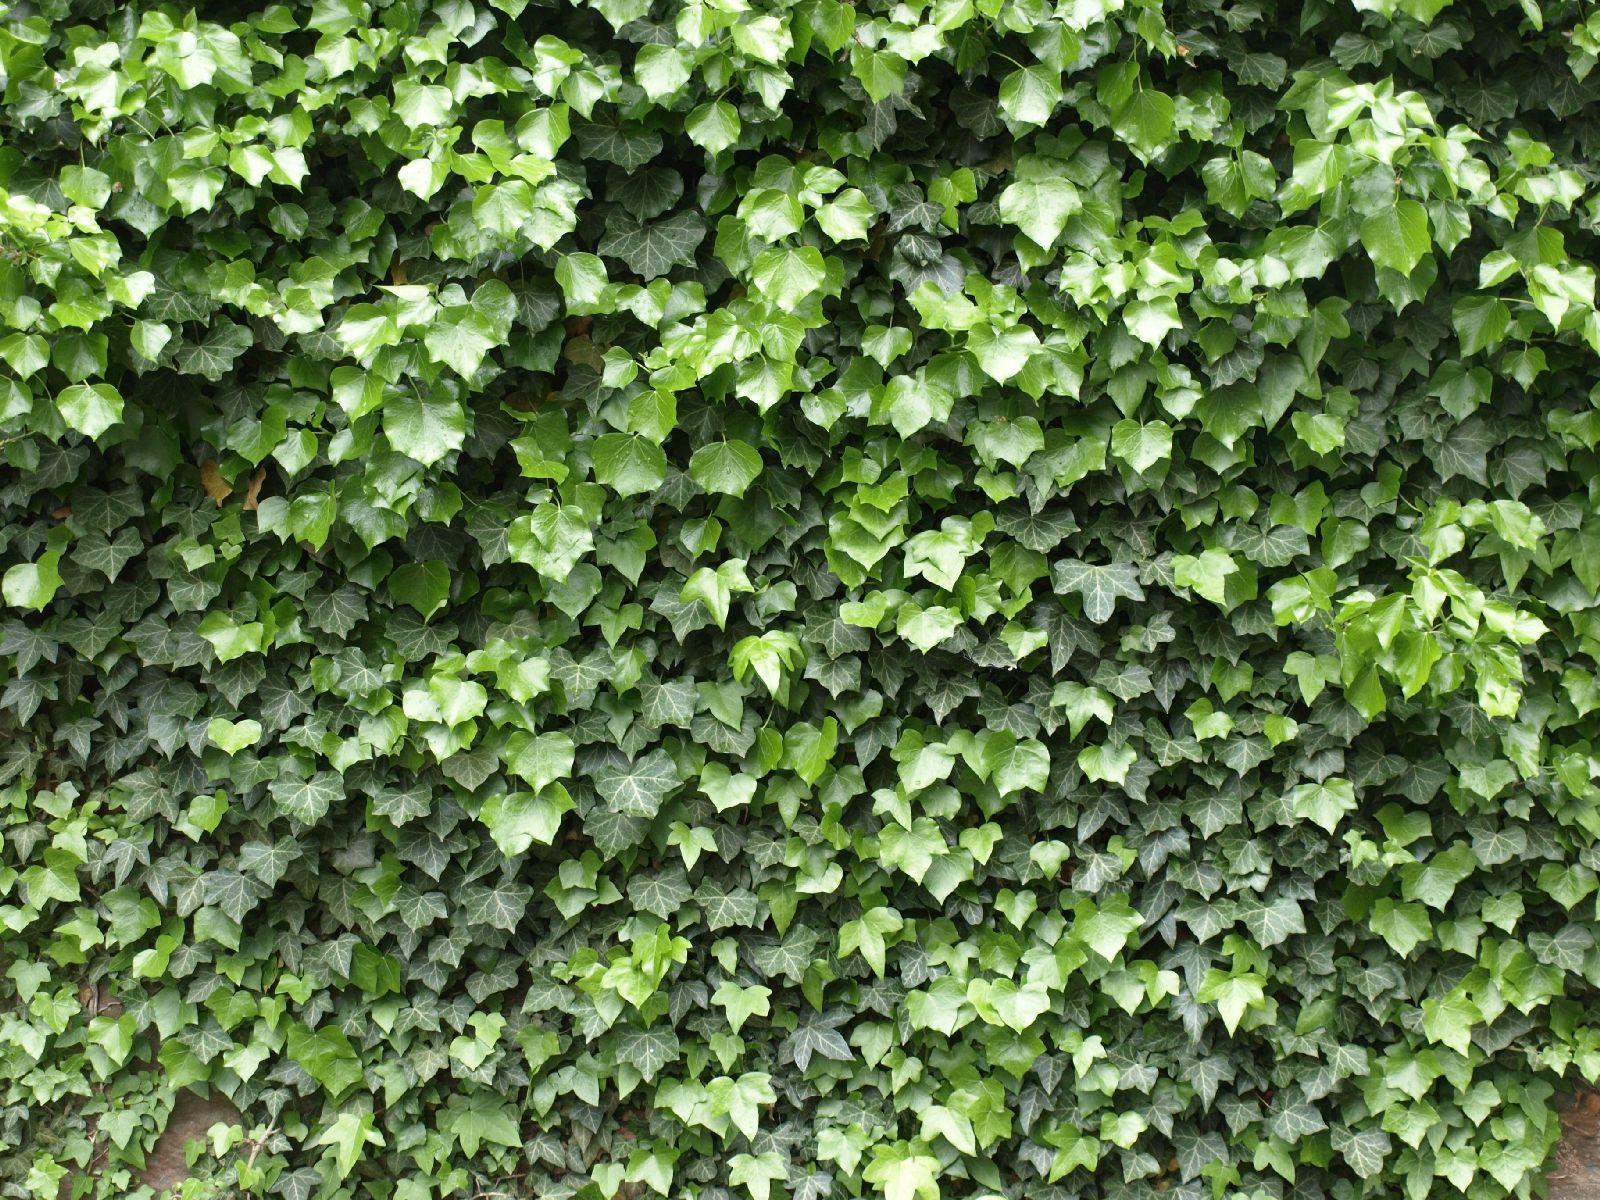 Pflanzen-Hecken-Foto_Textur_B_P5123677